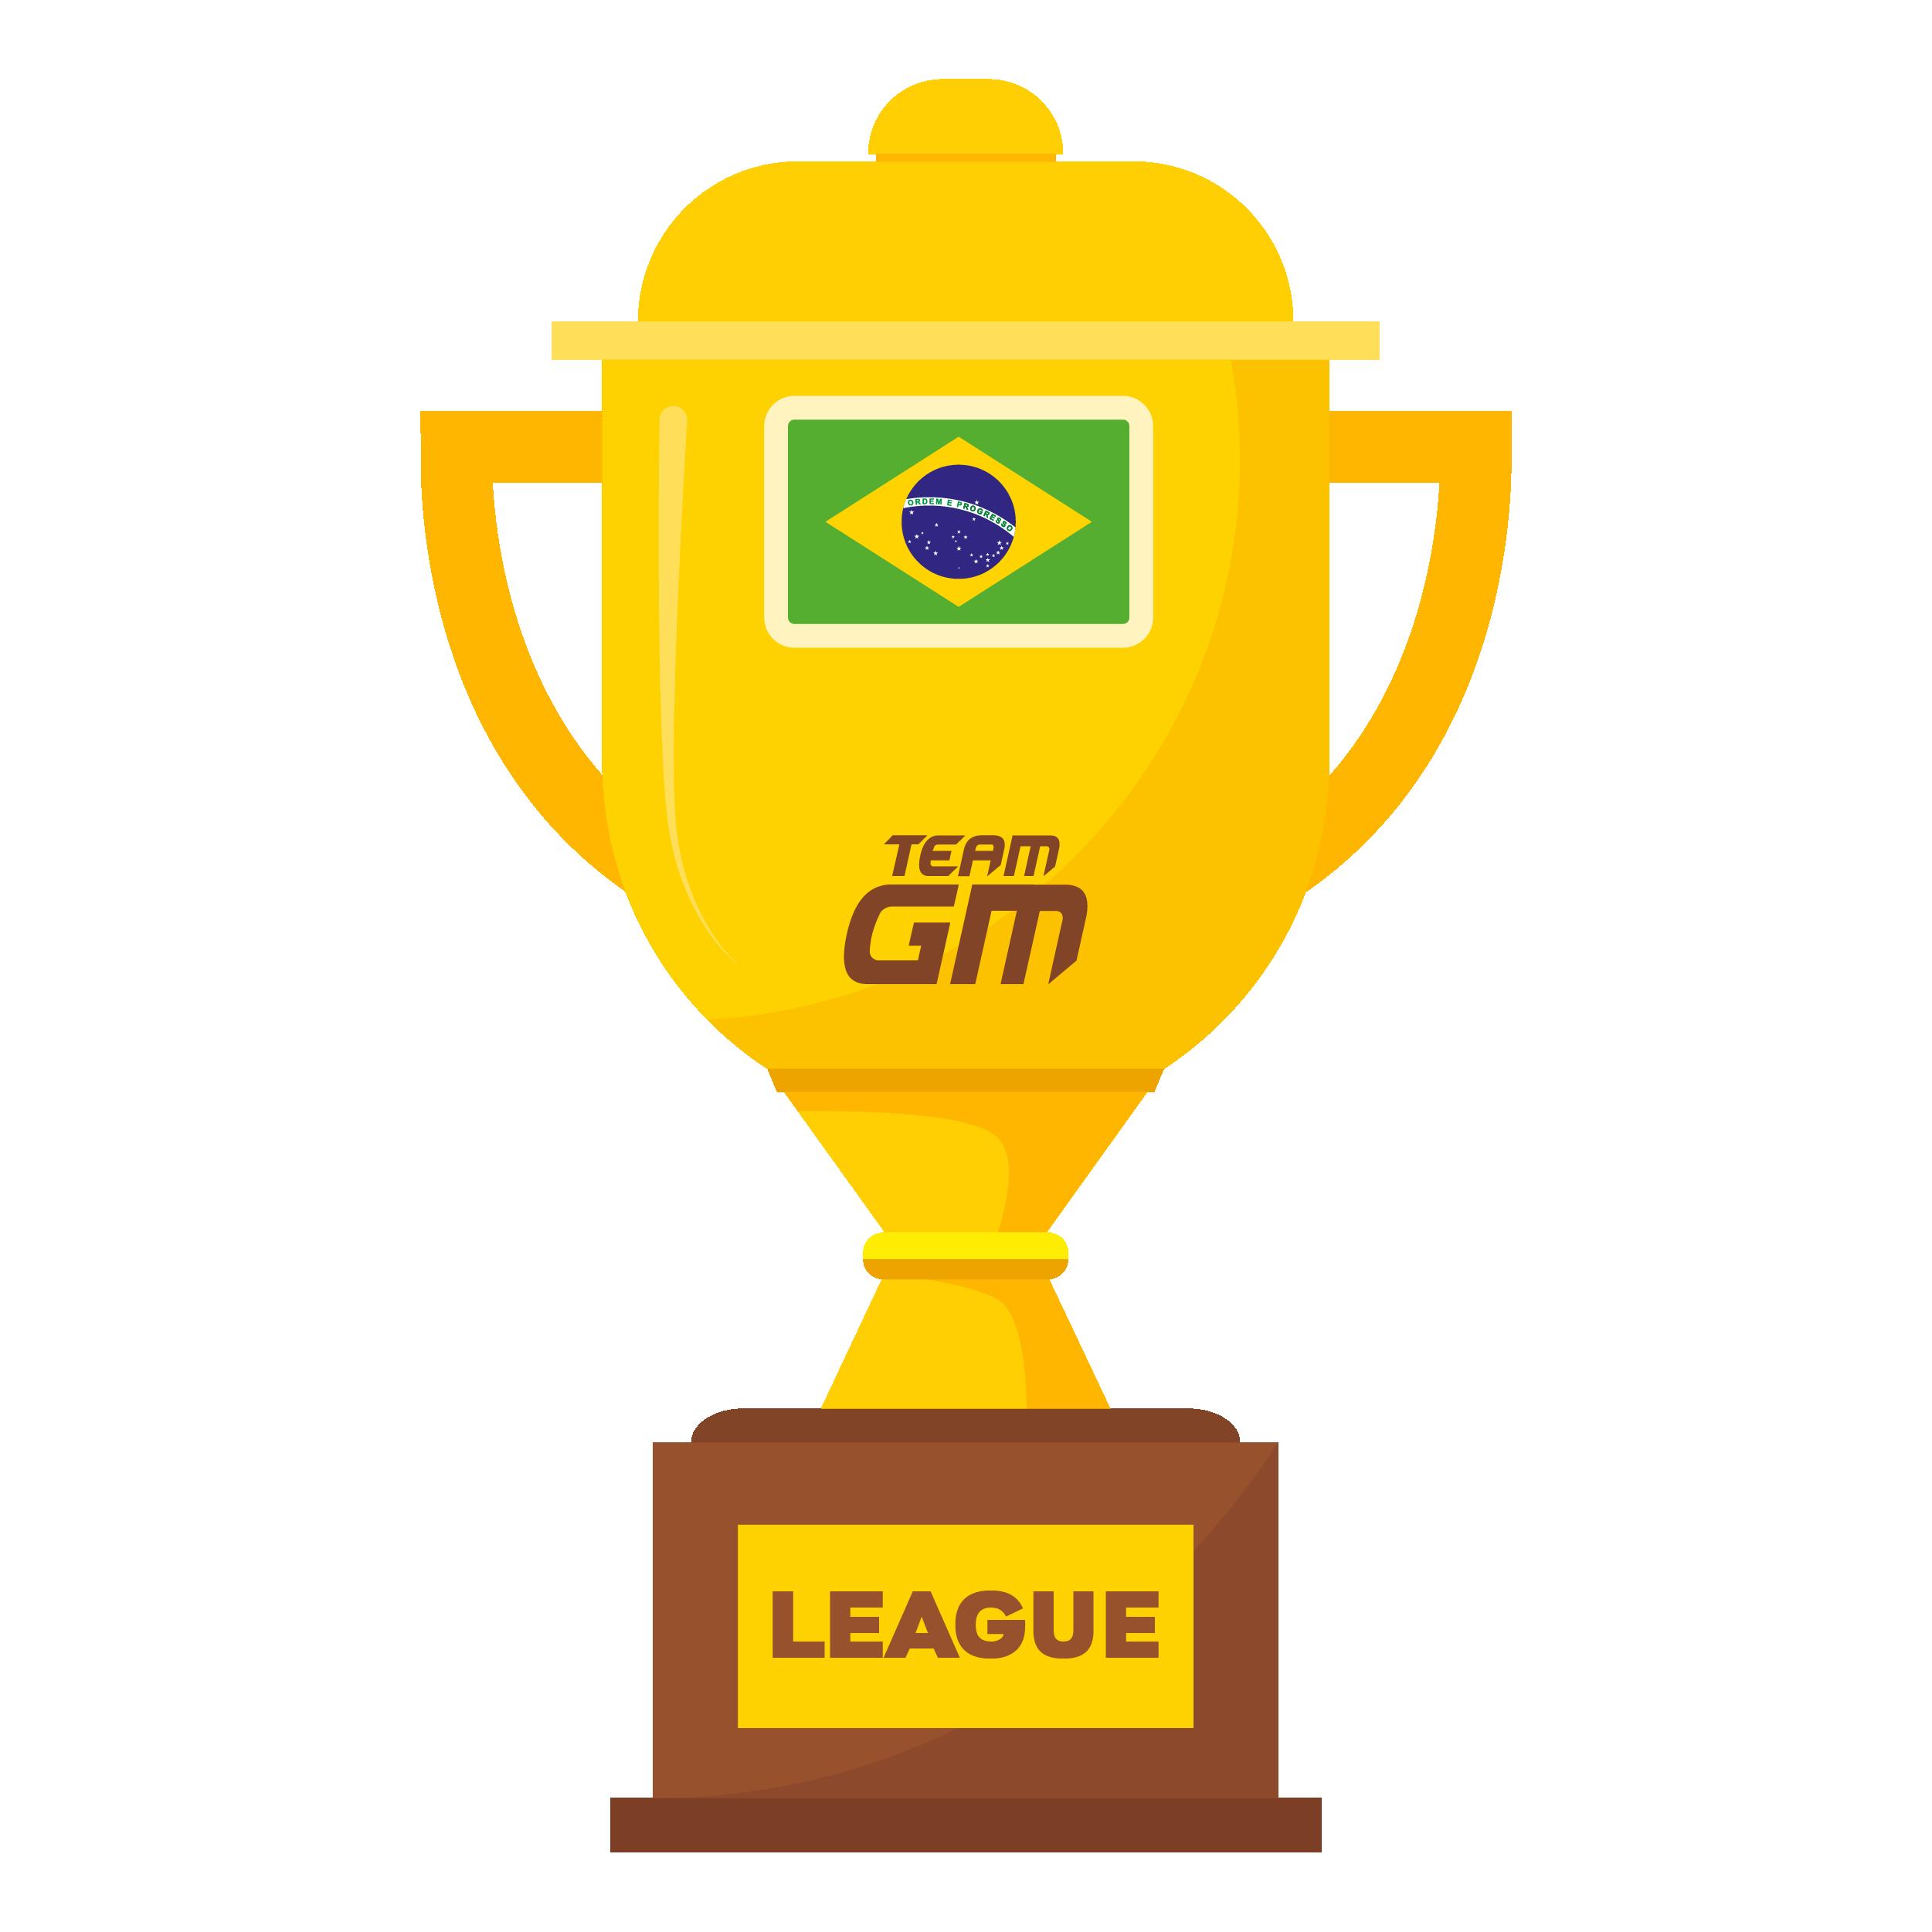 1ST - BRAZILIAN SUPER LEAGUE